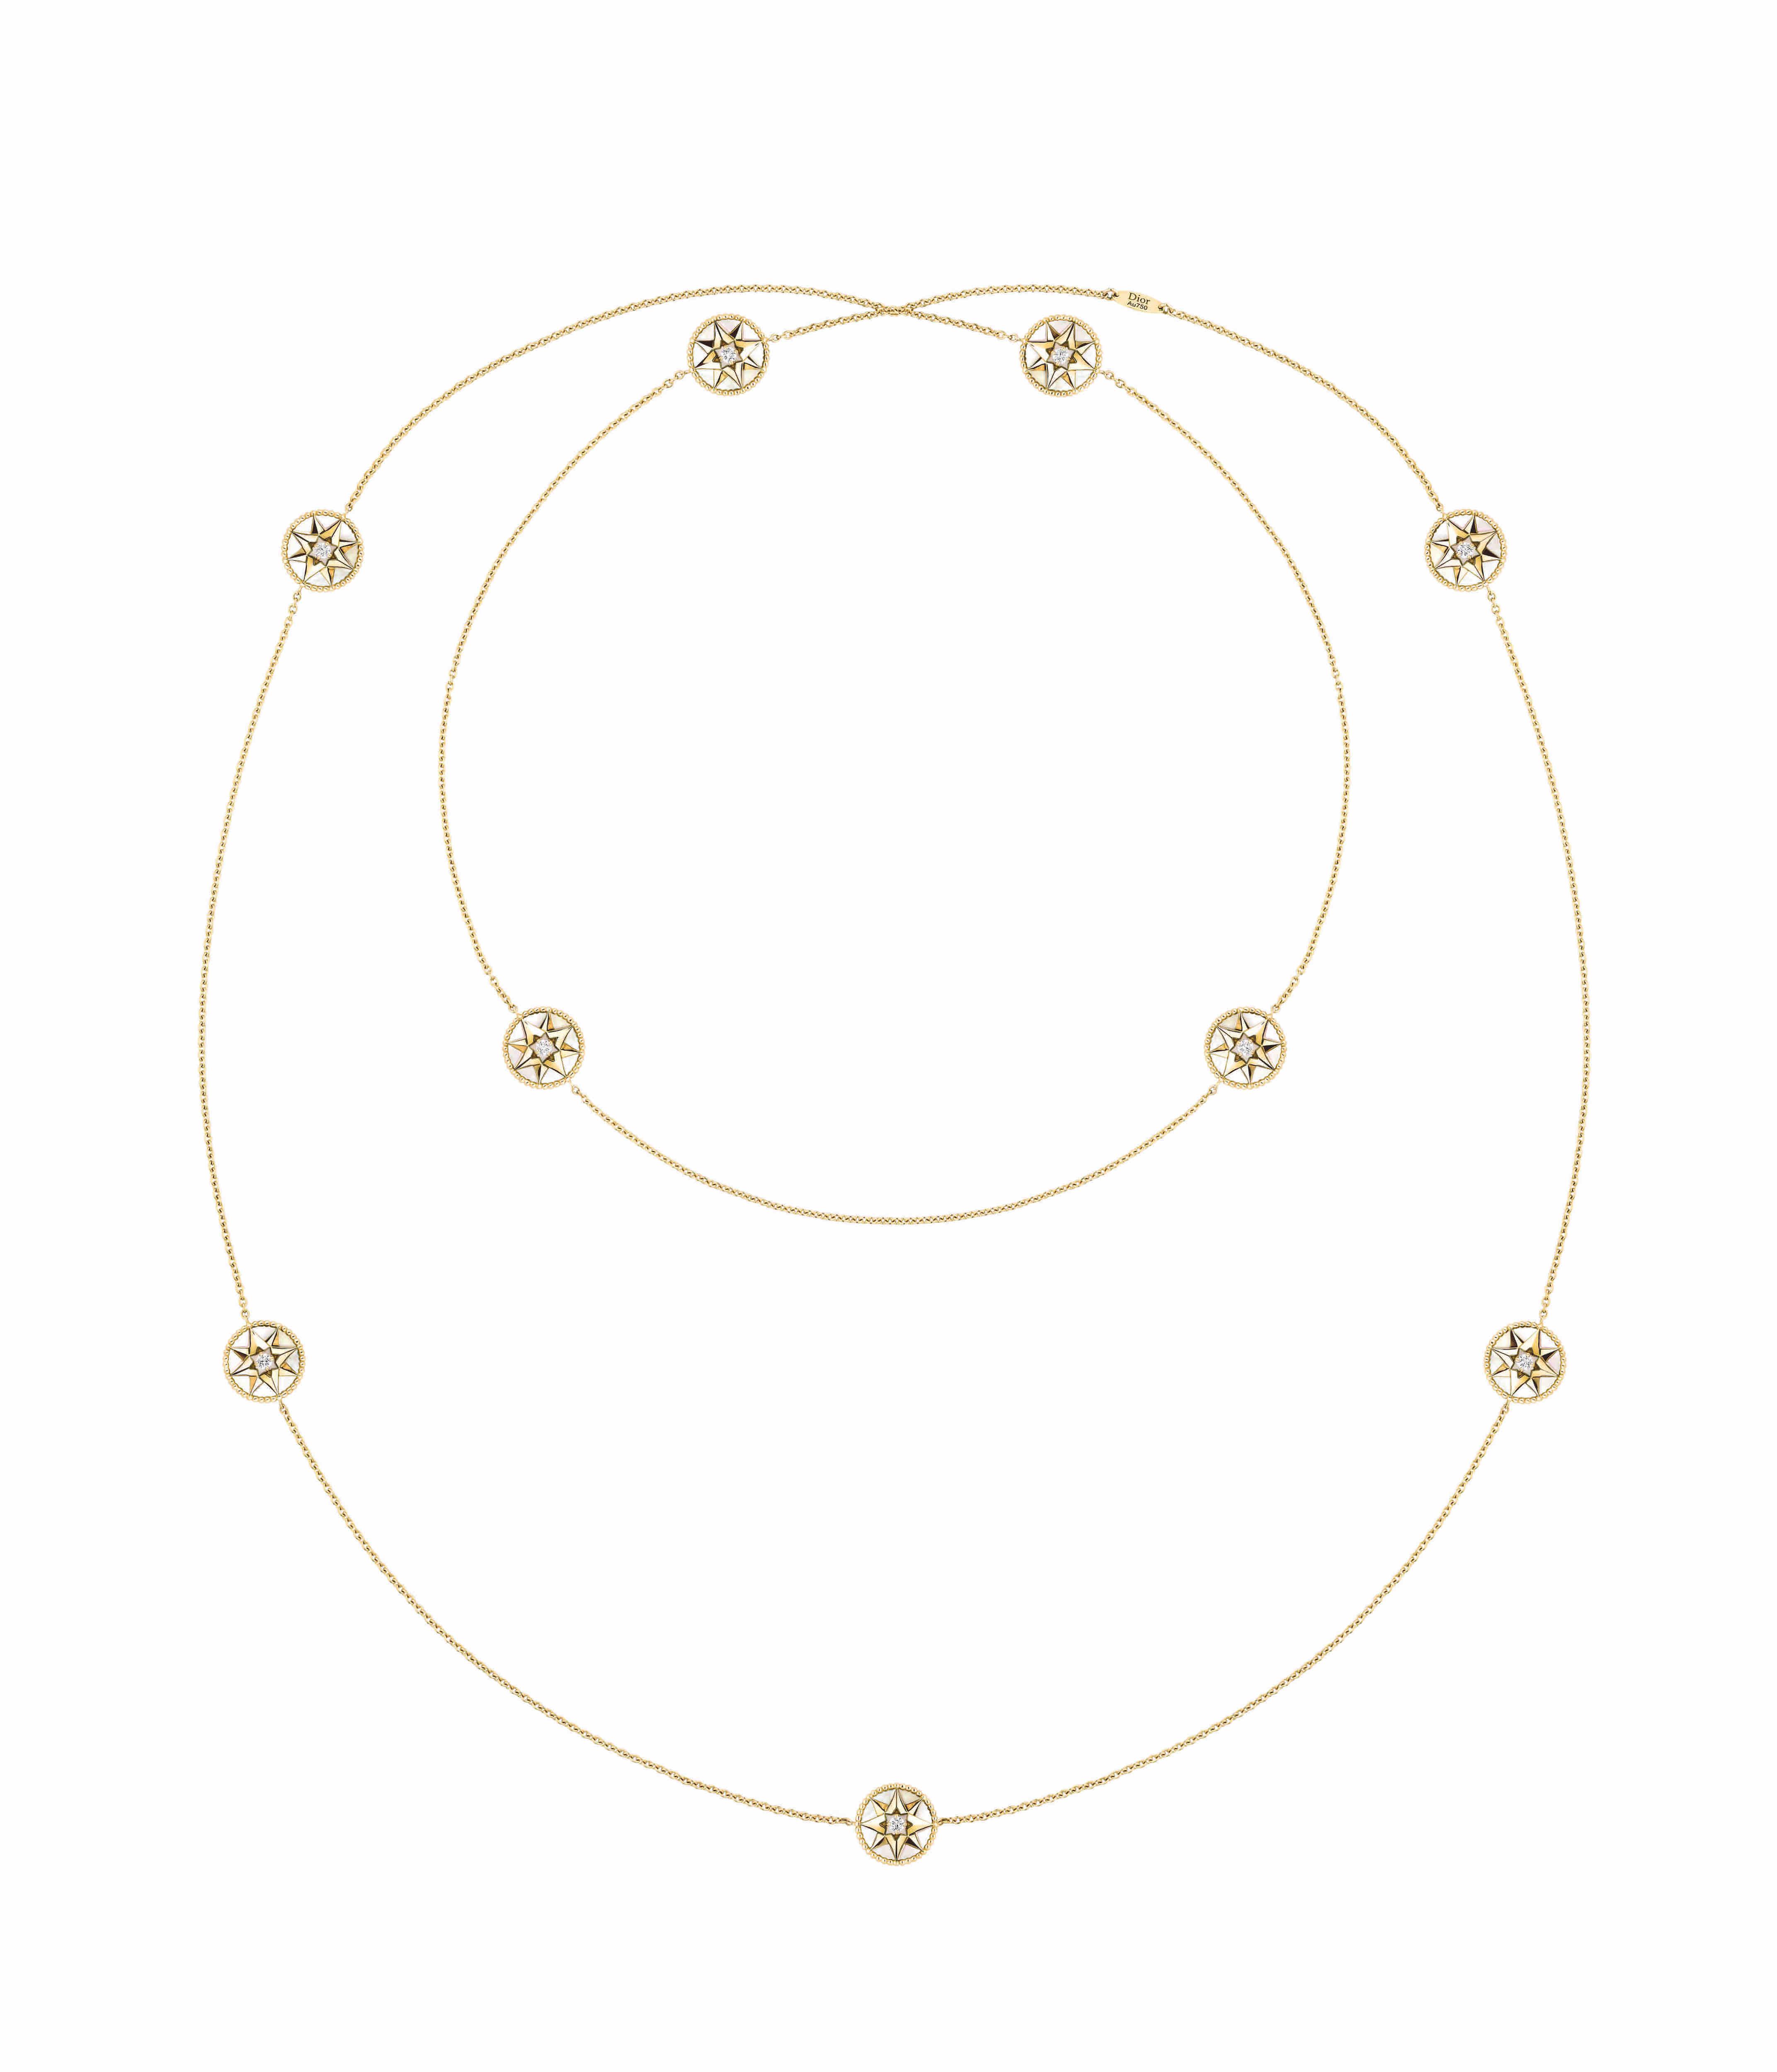 Gioielli Dior, la collezione Rose des vents con foto e prezzi